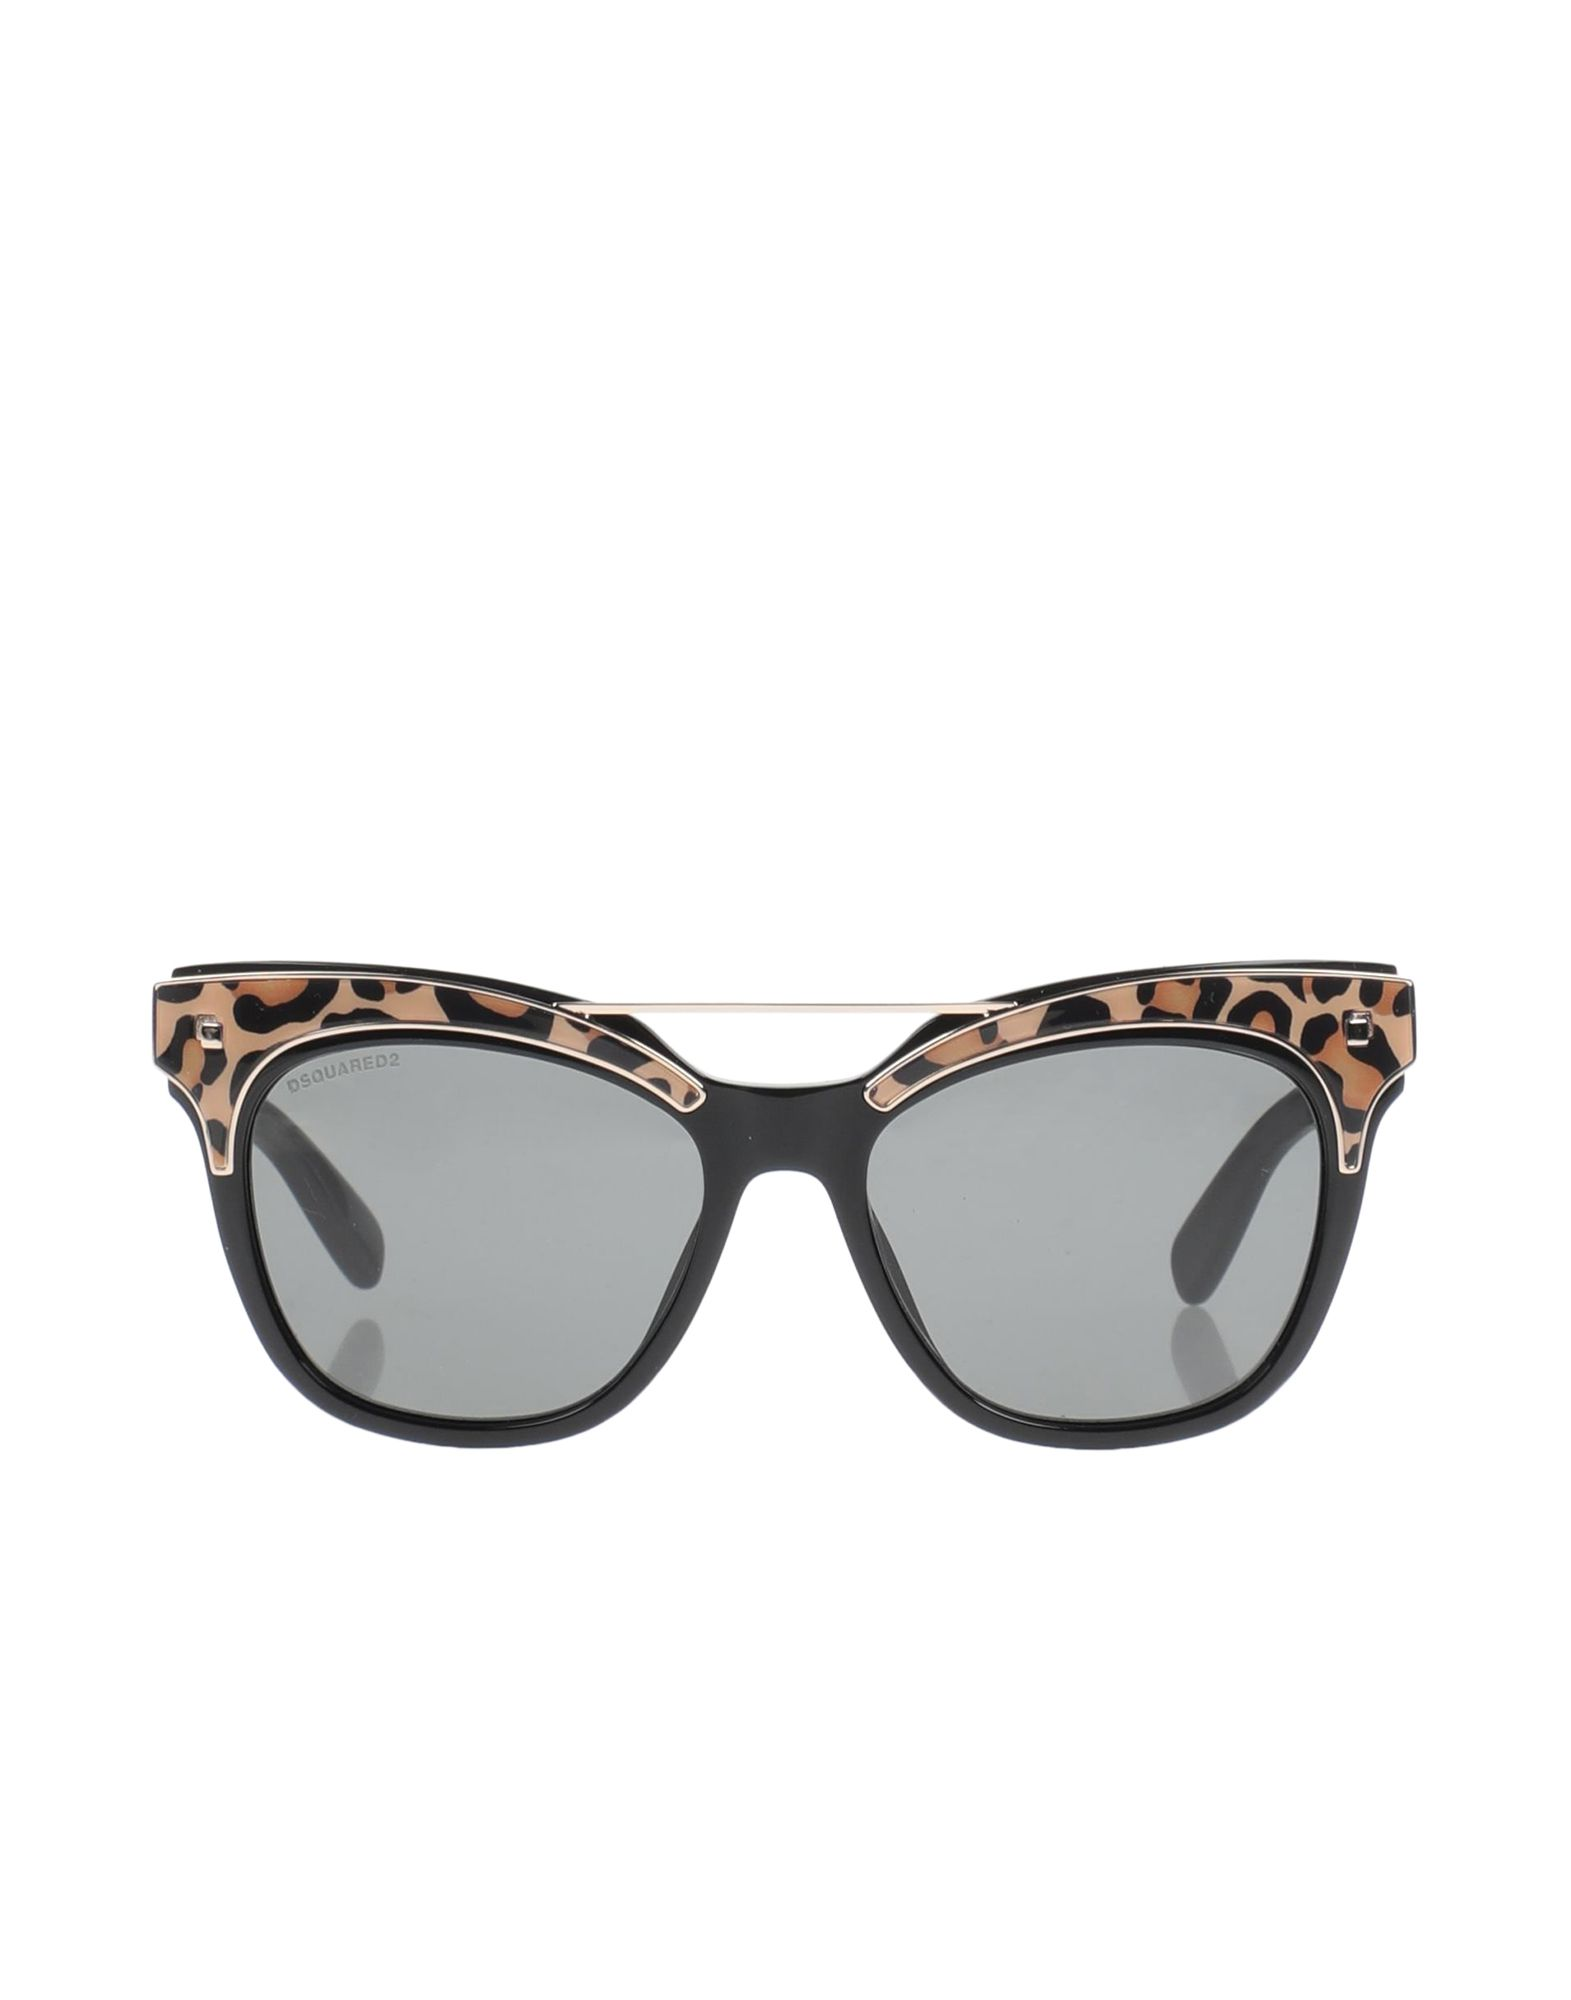 DSQUARED2 Солнечные очки кафа франц очки водителя поляризационные мужские коричневая линза сf919